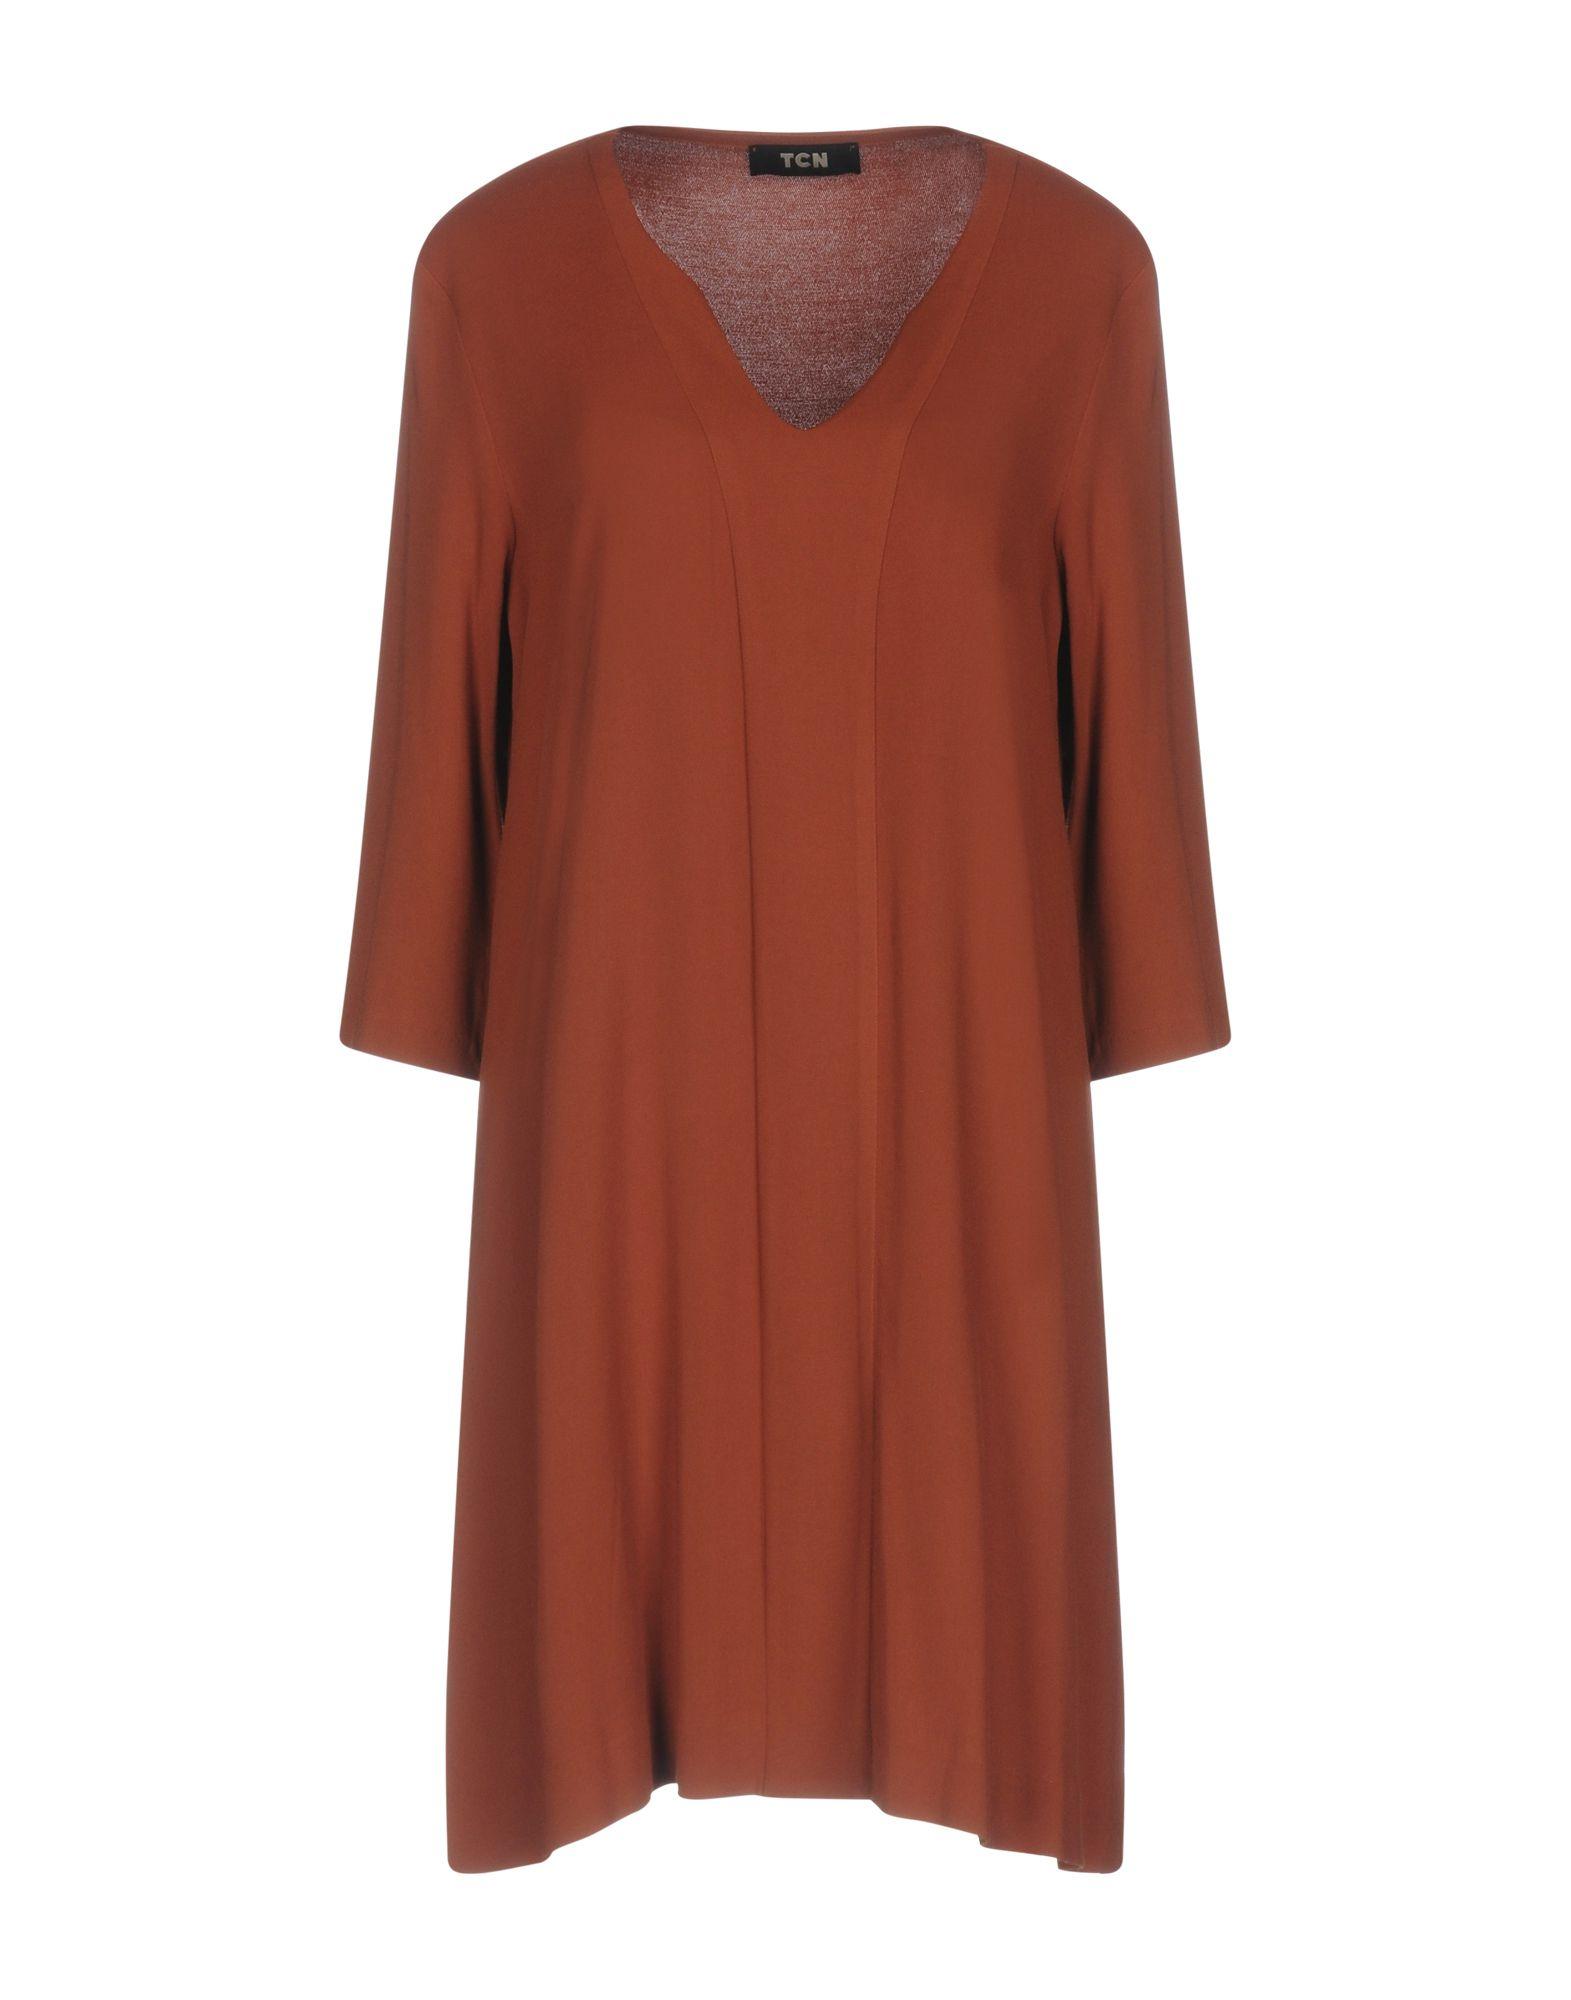 TOTON COMELLA - TCN Damen Kurzes Kleid Farbe Braun Größe 6